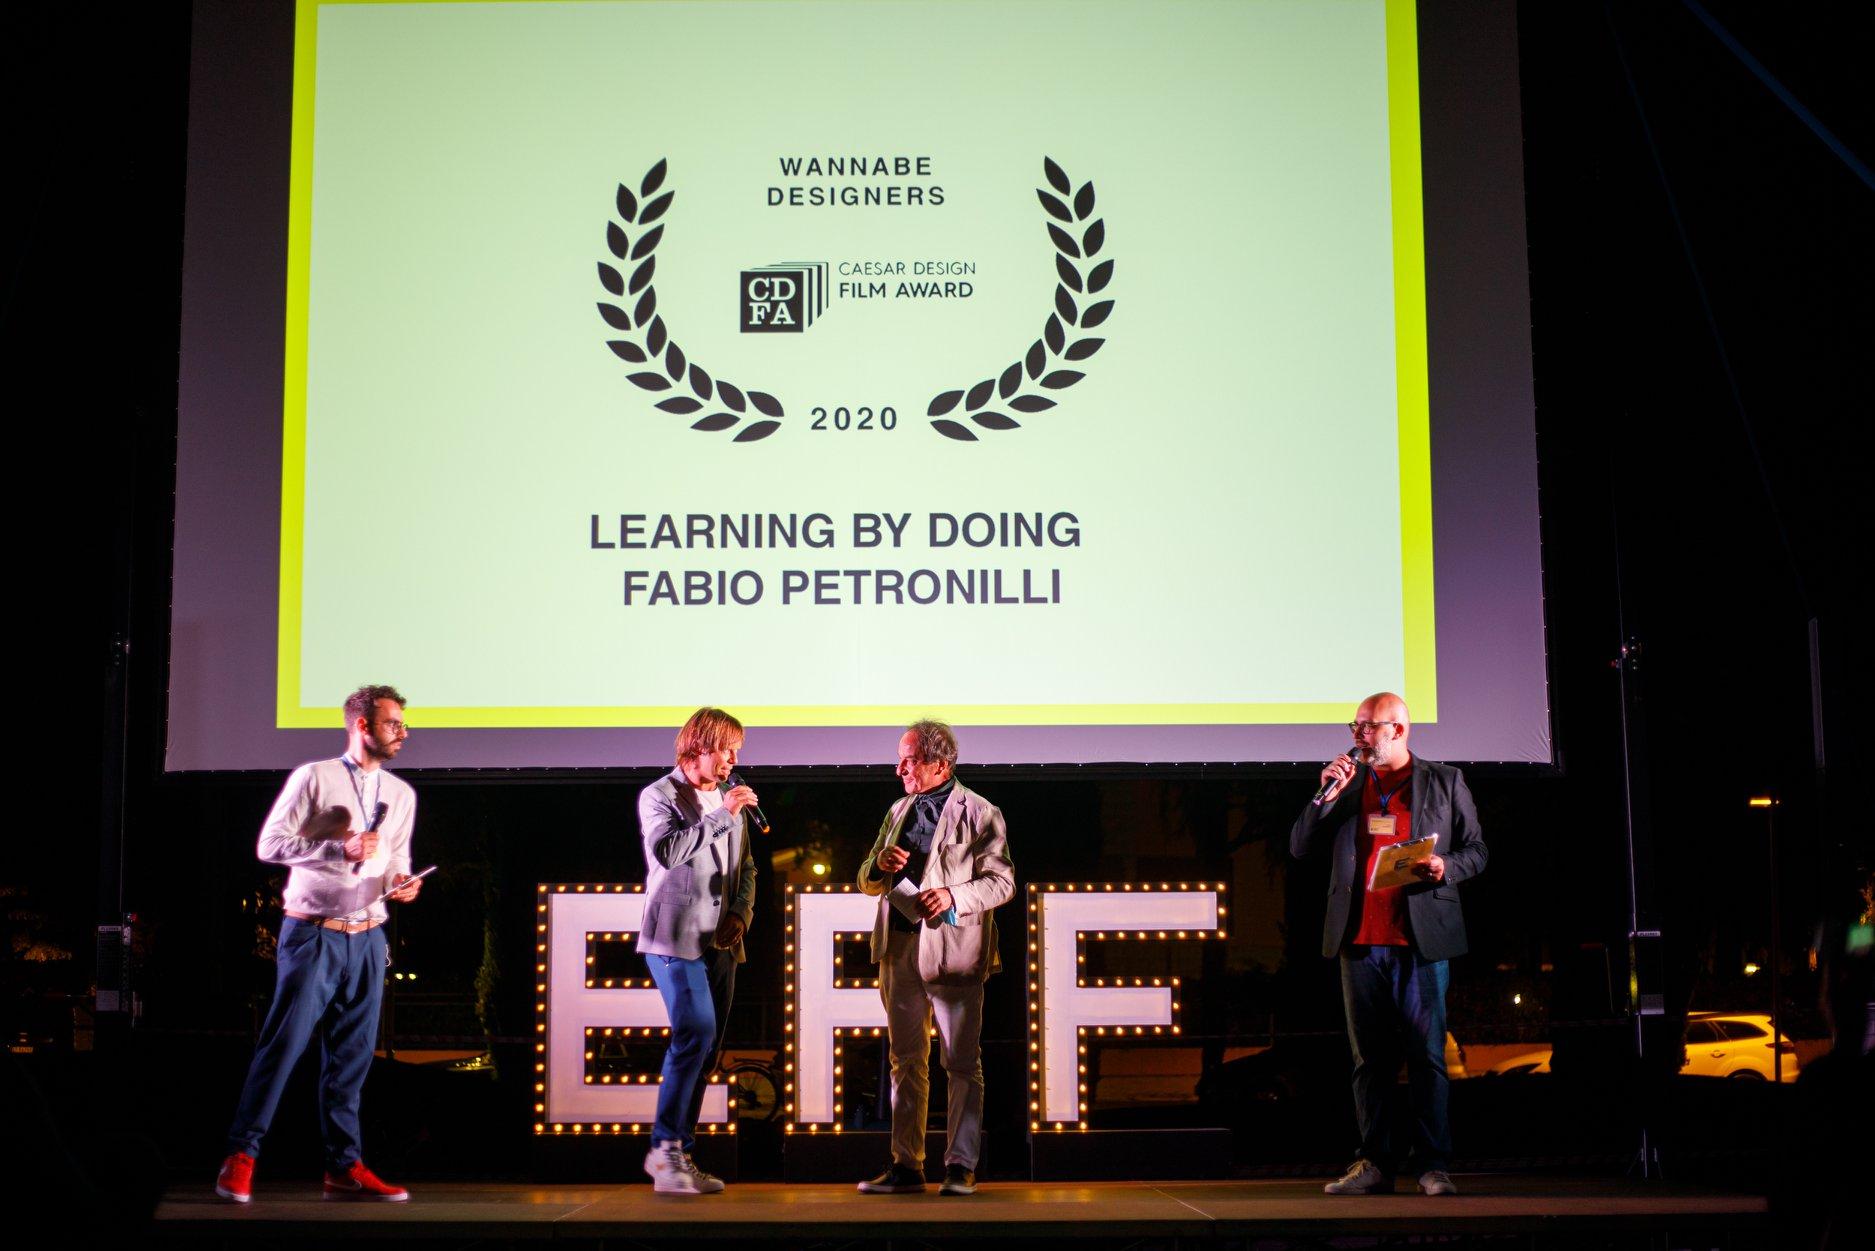 Architetto Guglielmo Renzi annuncia il vincitore CDFA 2020